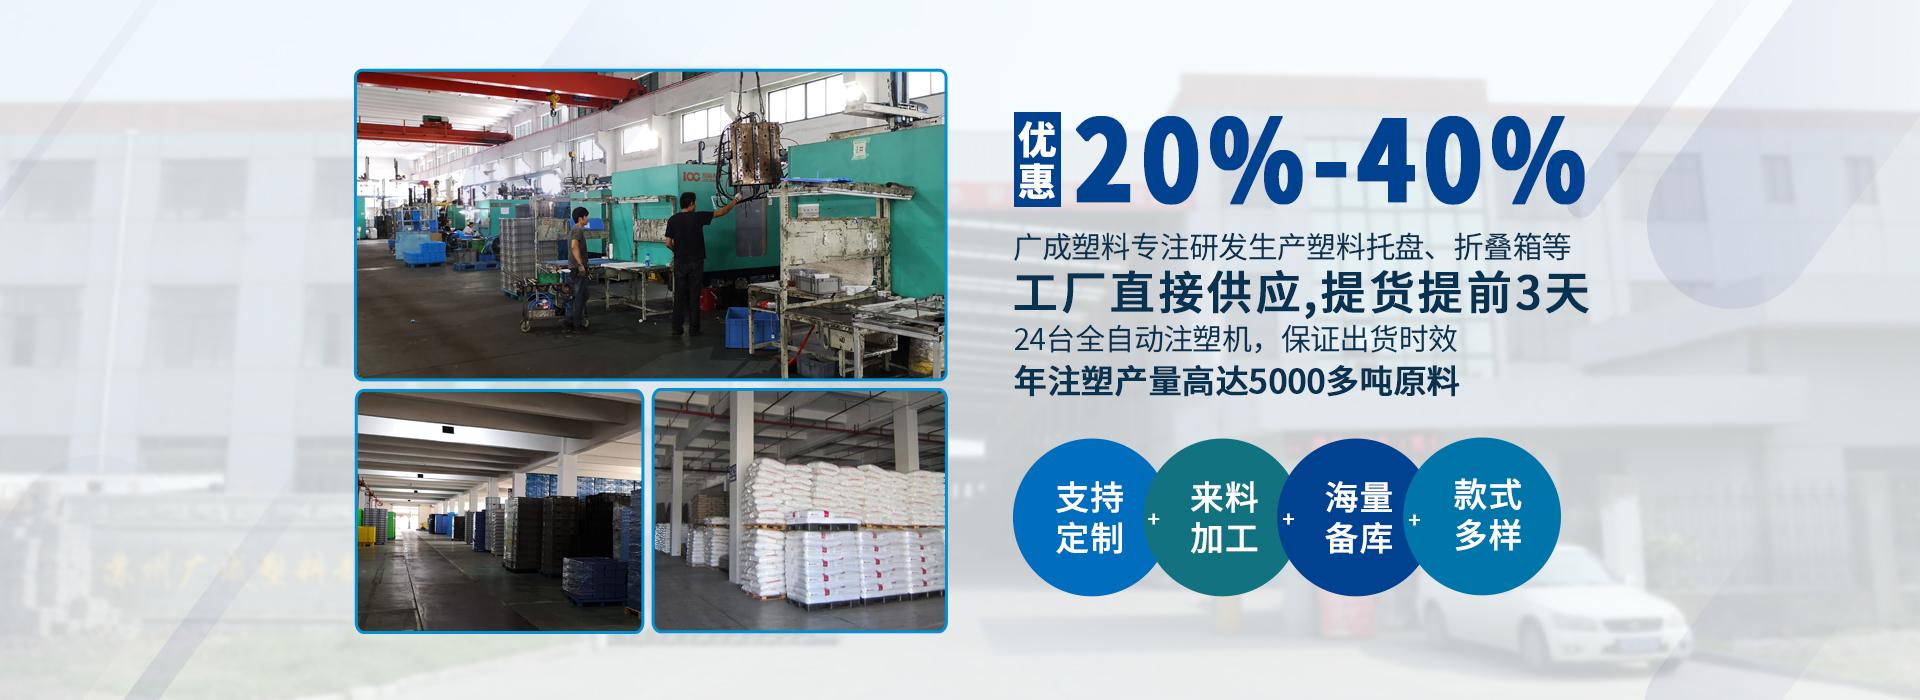 广成工厂实力展示图